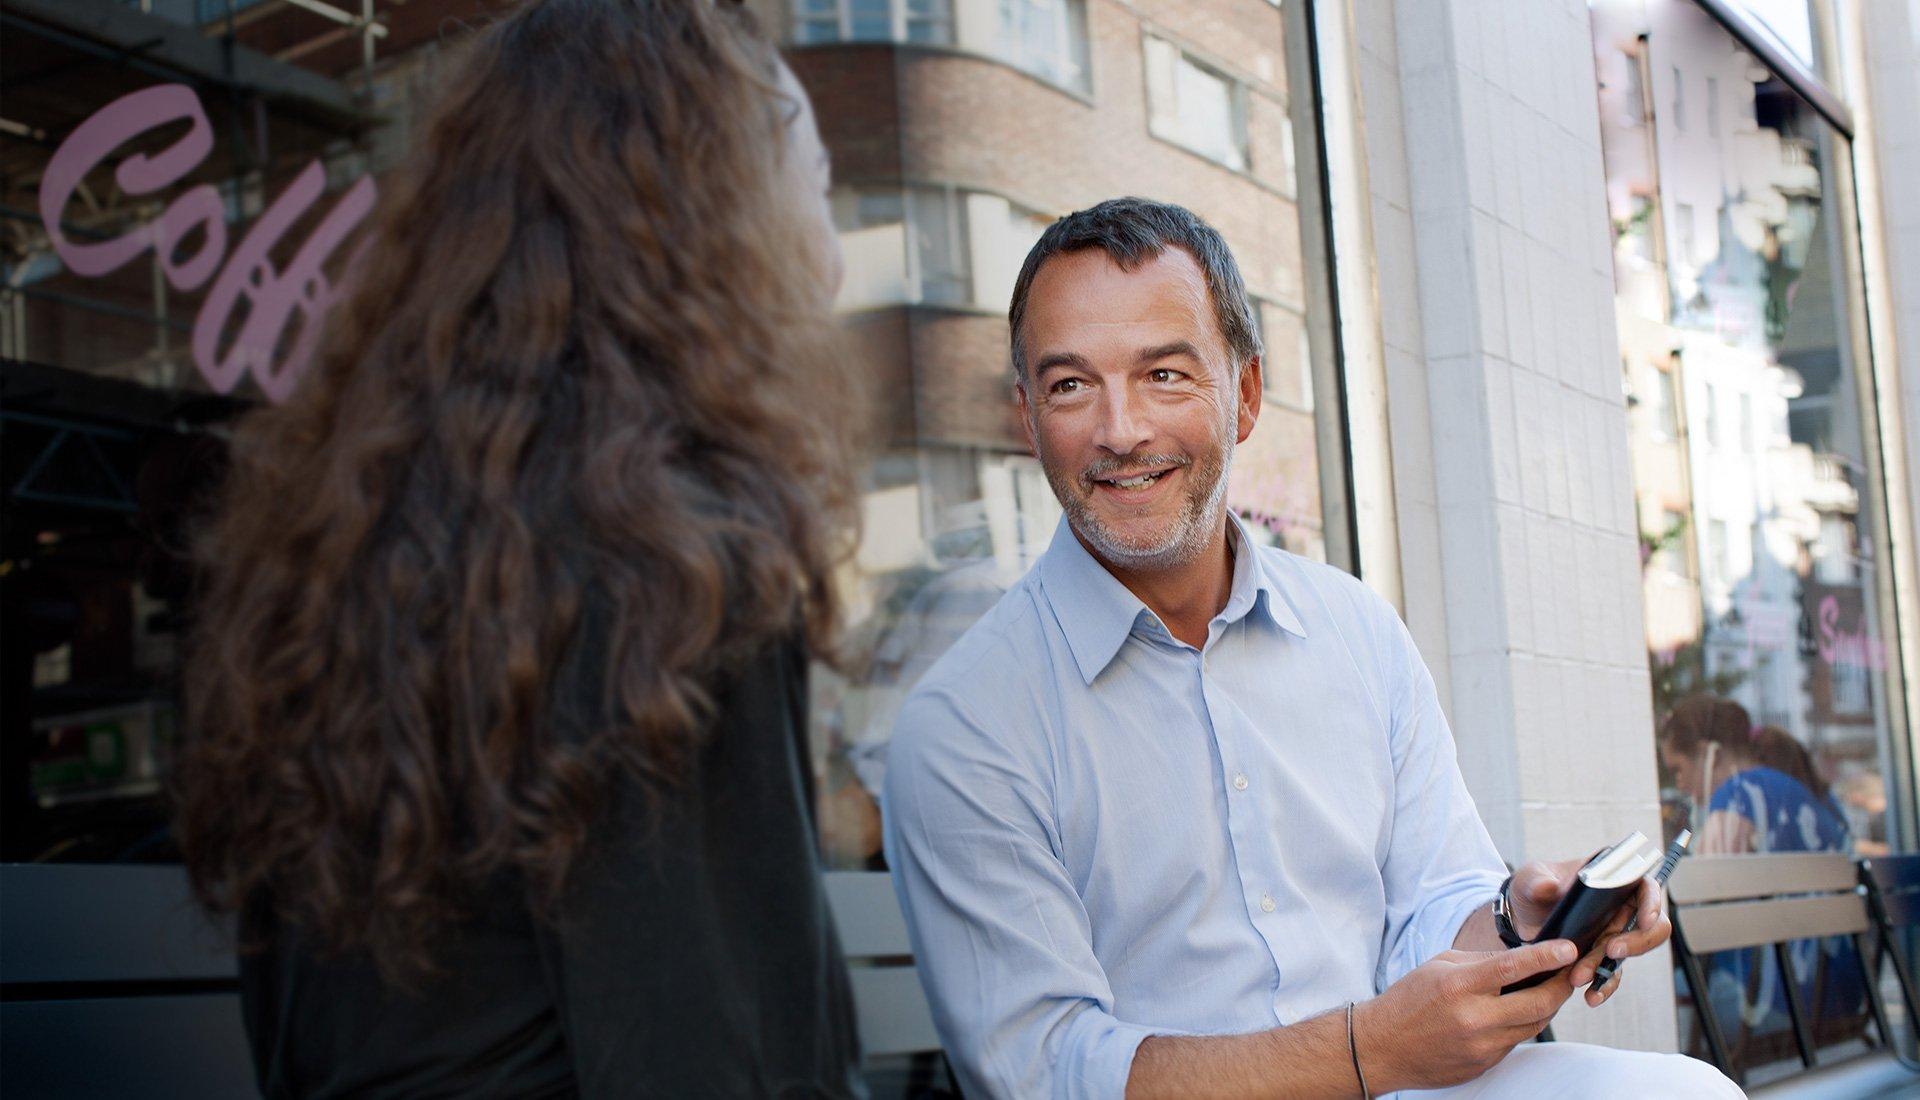 homme et femme de dos parlant dans la rue adossés à une vitrine